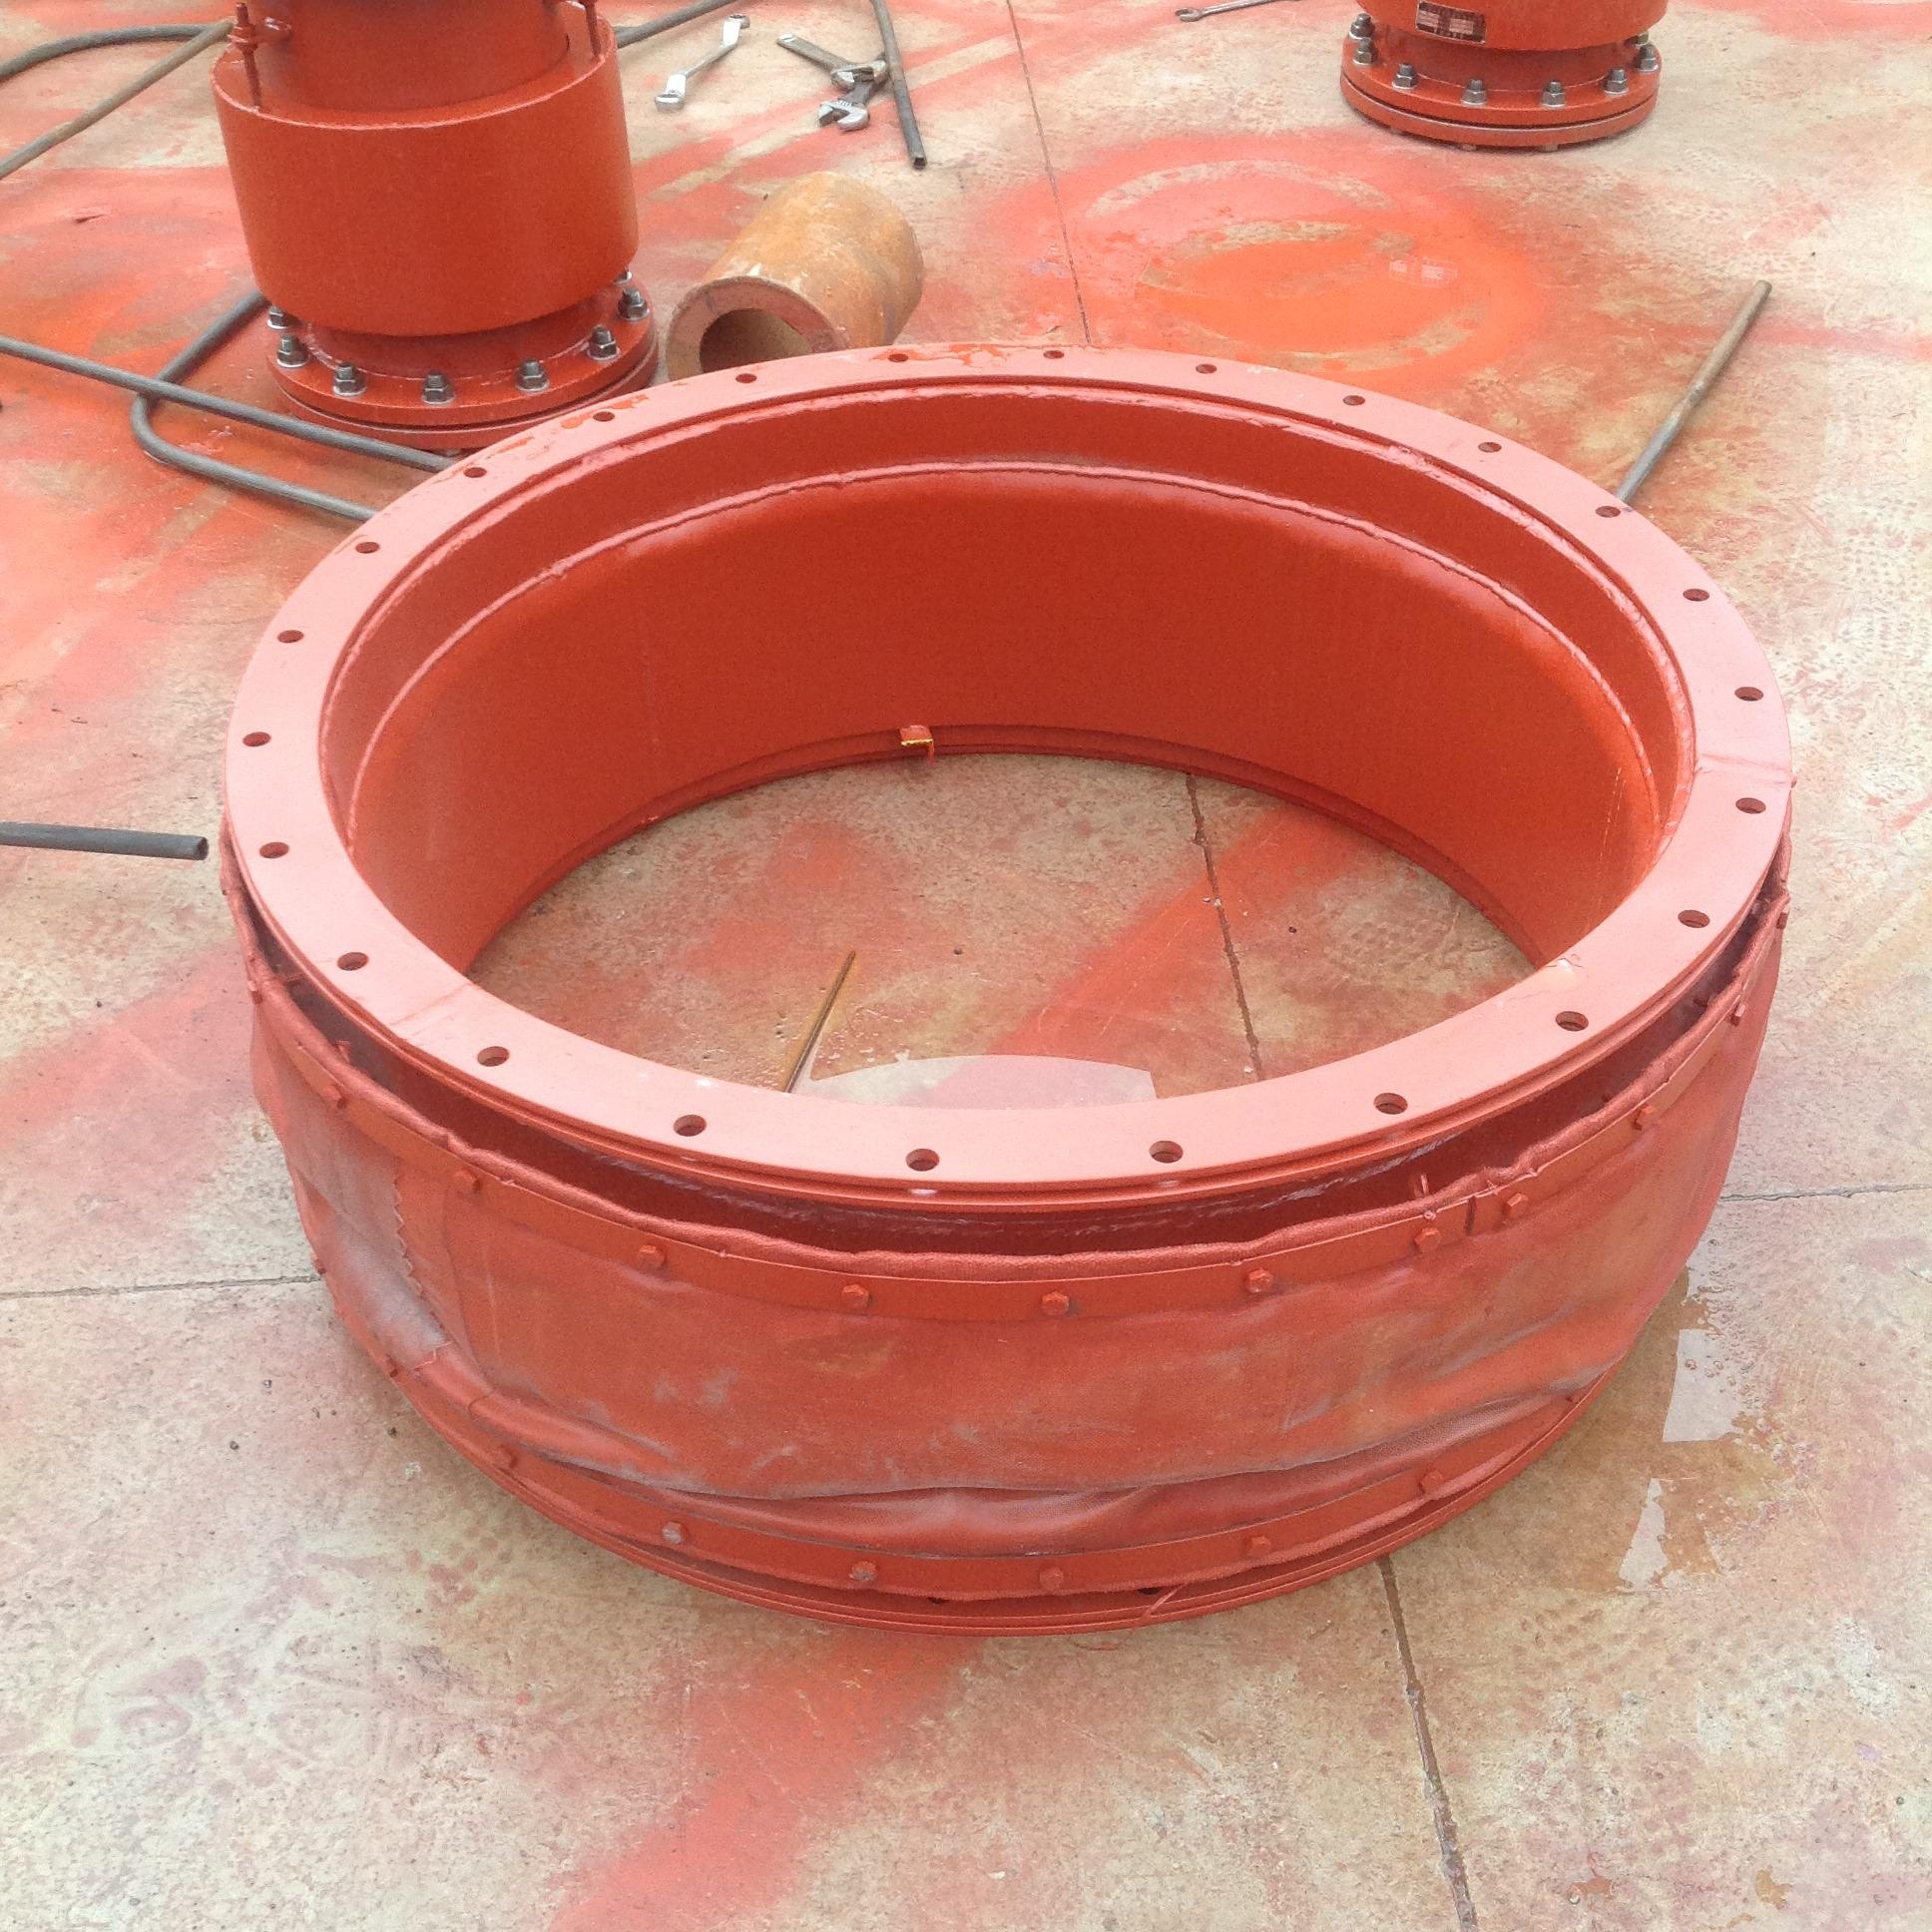 专业销售全埋式波纹管膨胀节 管道波纹补偿器 耐高压不锈钢补偿器 金属波纹管补偿器